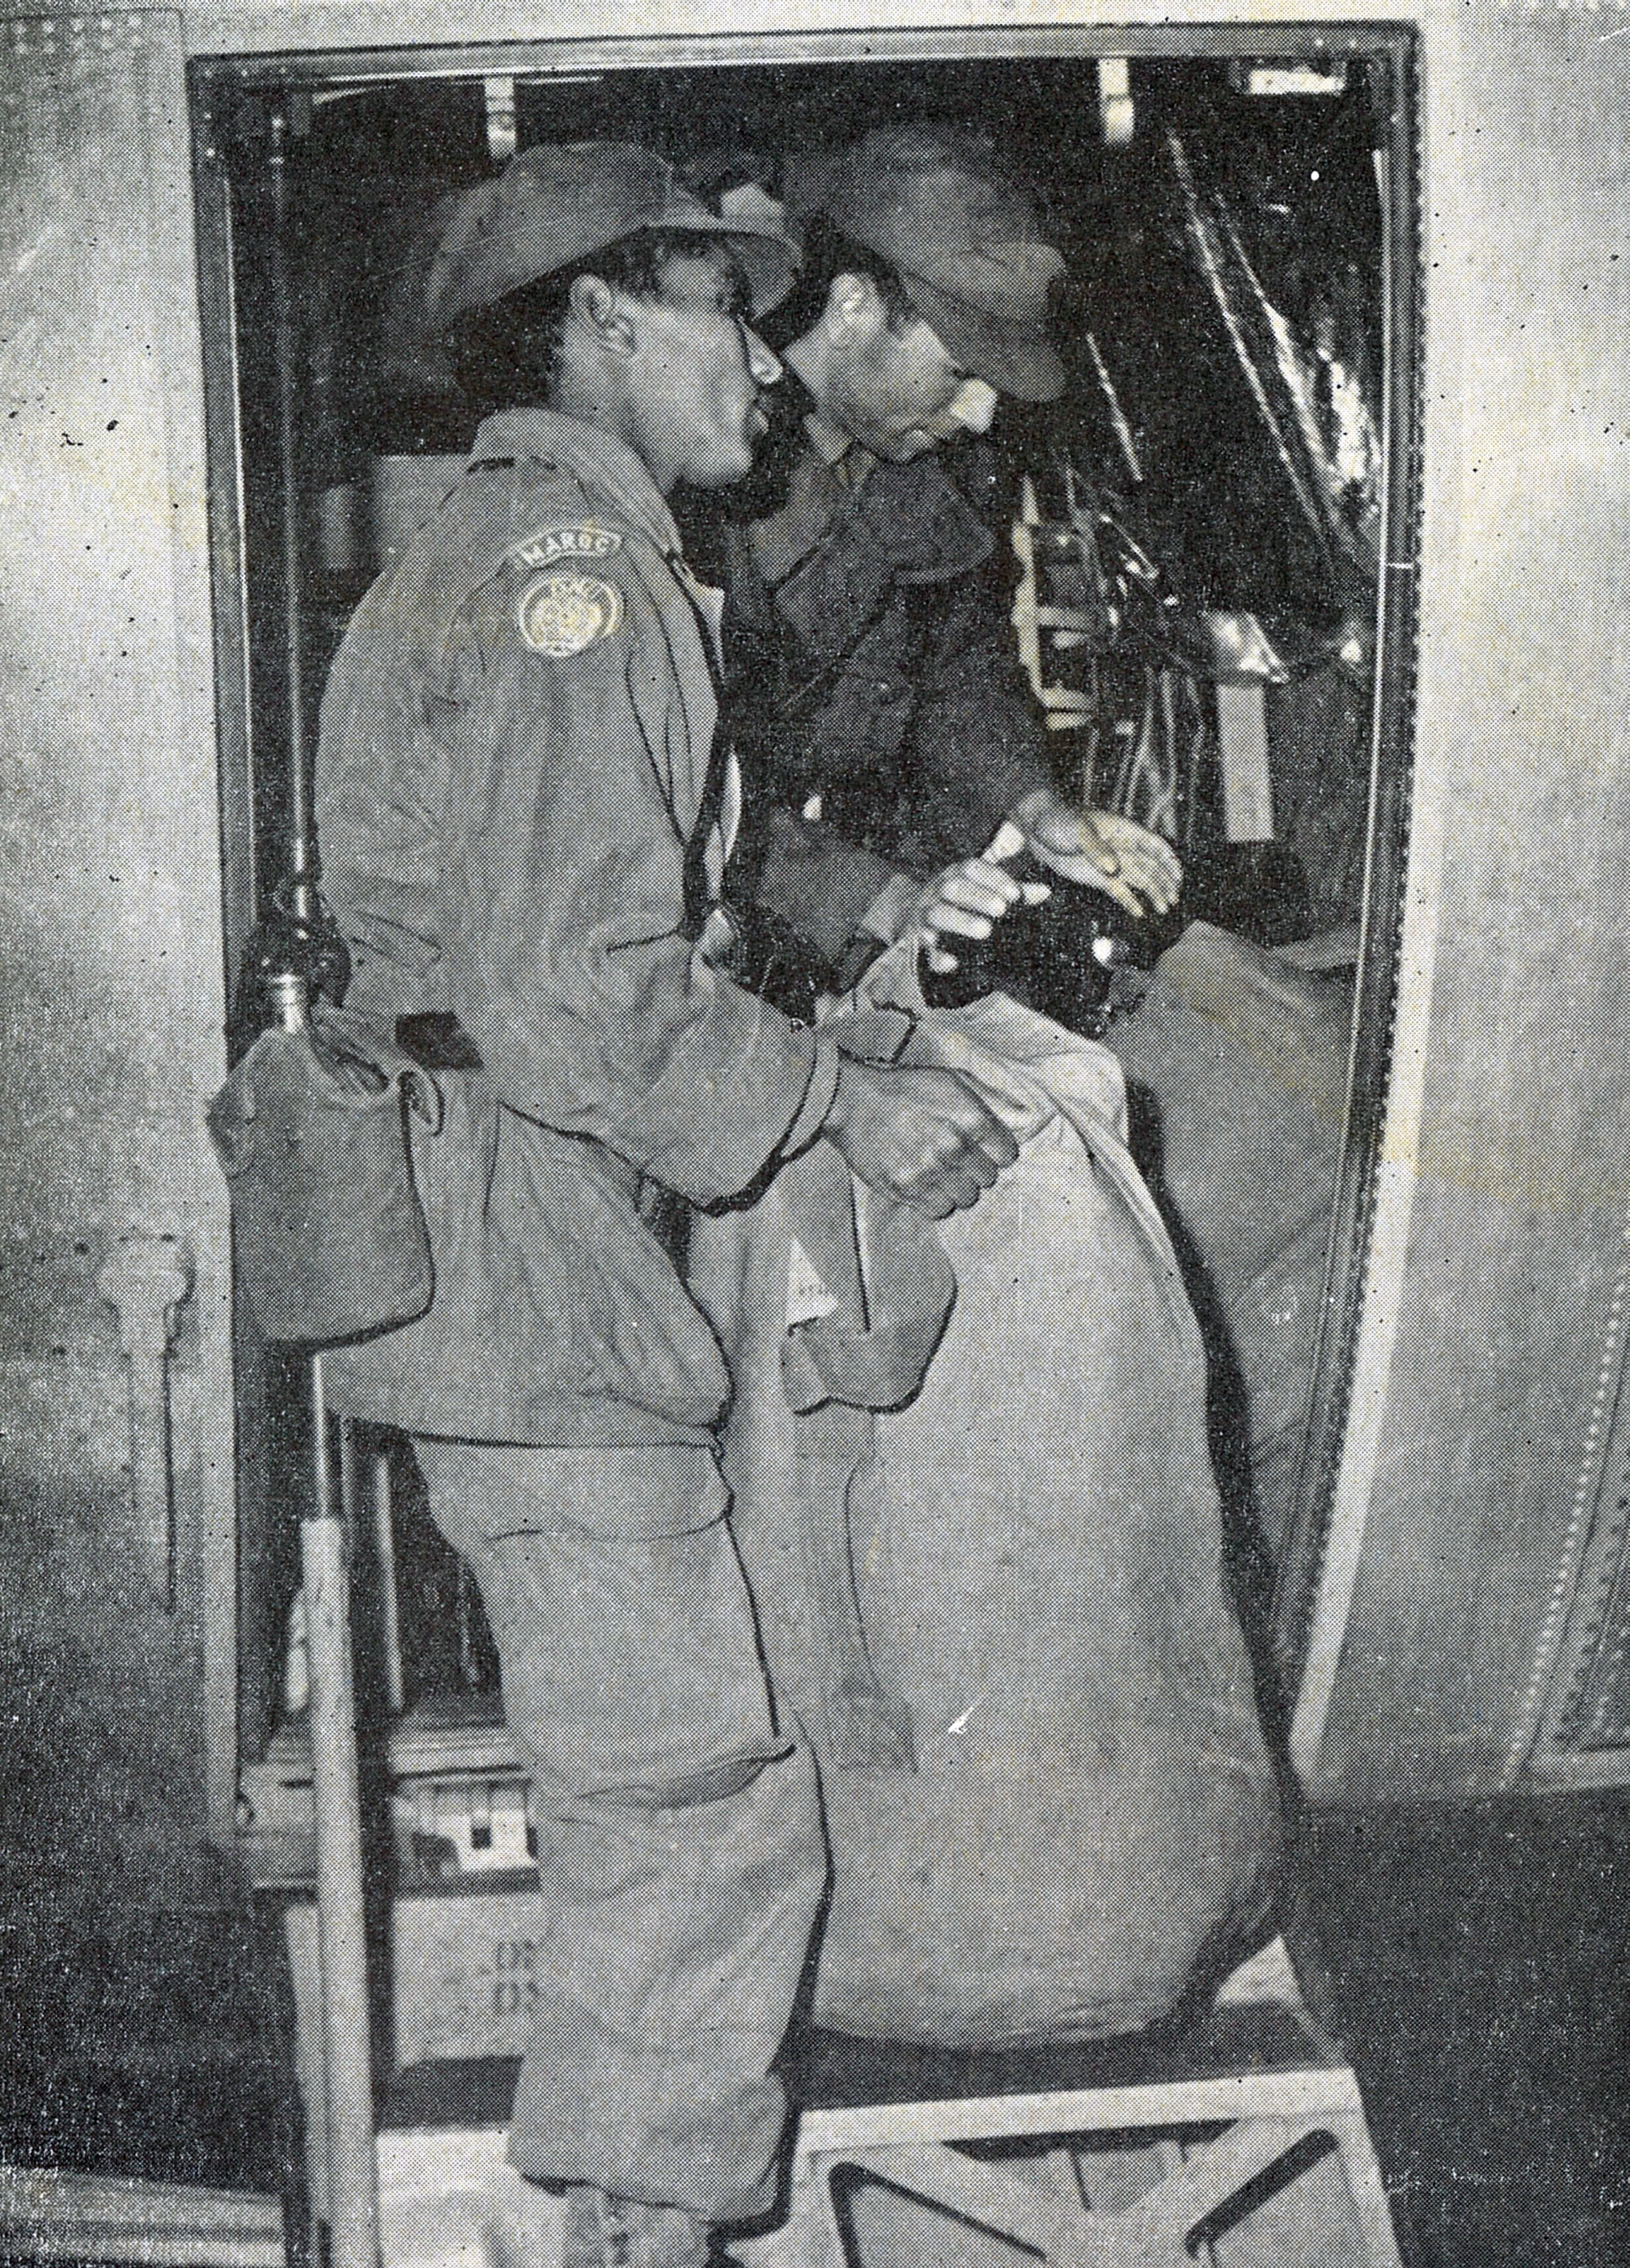 Les Forces Armées Royales au Congo - ONUC - 1960/61 31535614033_eb32b6141c_o